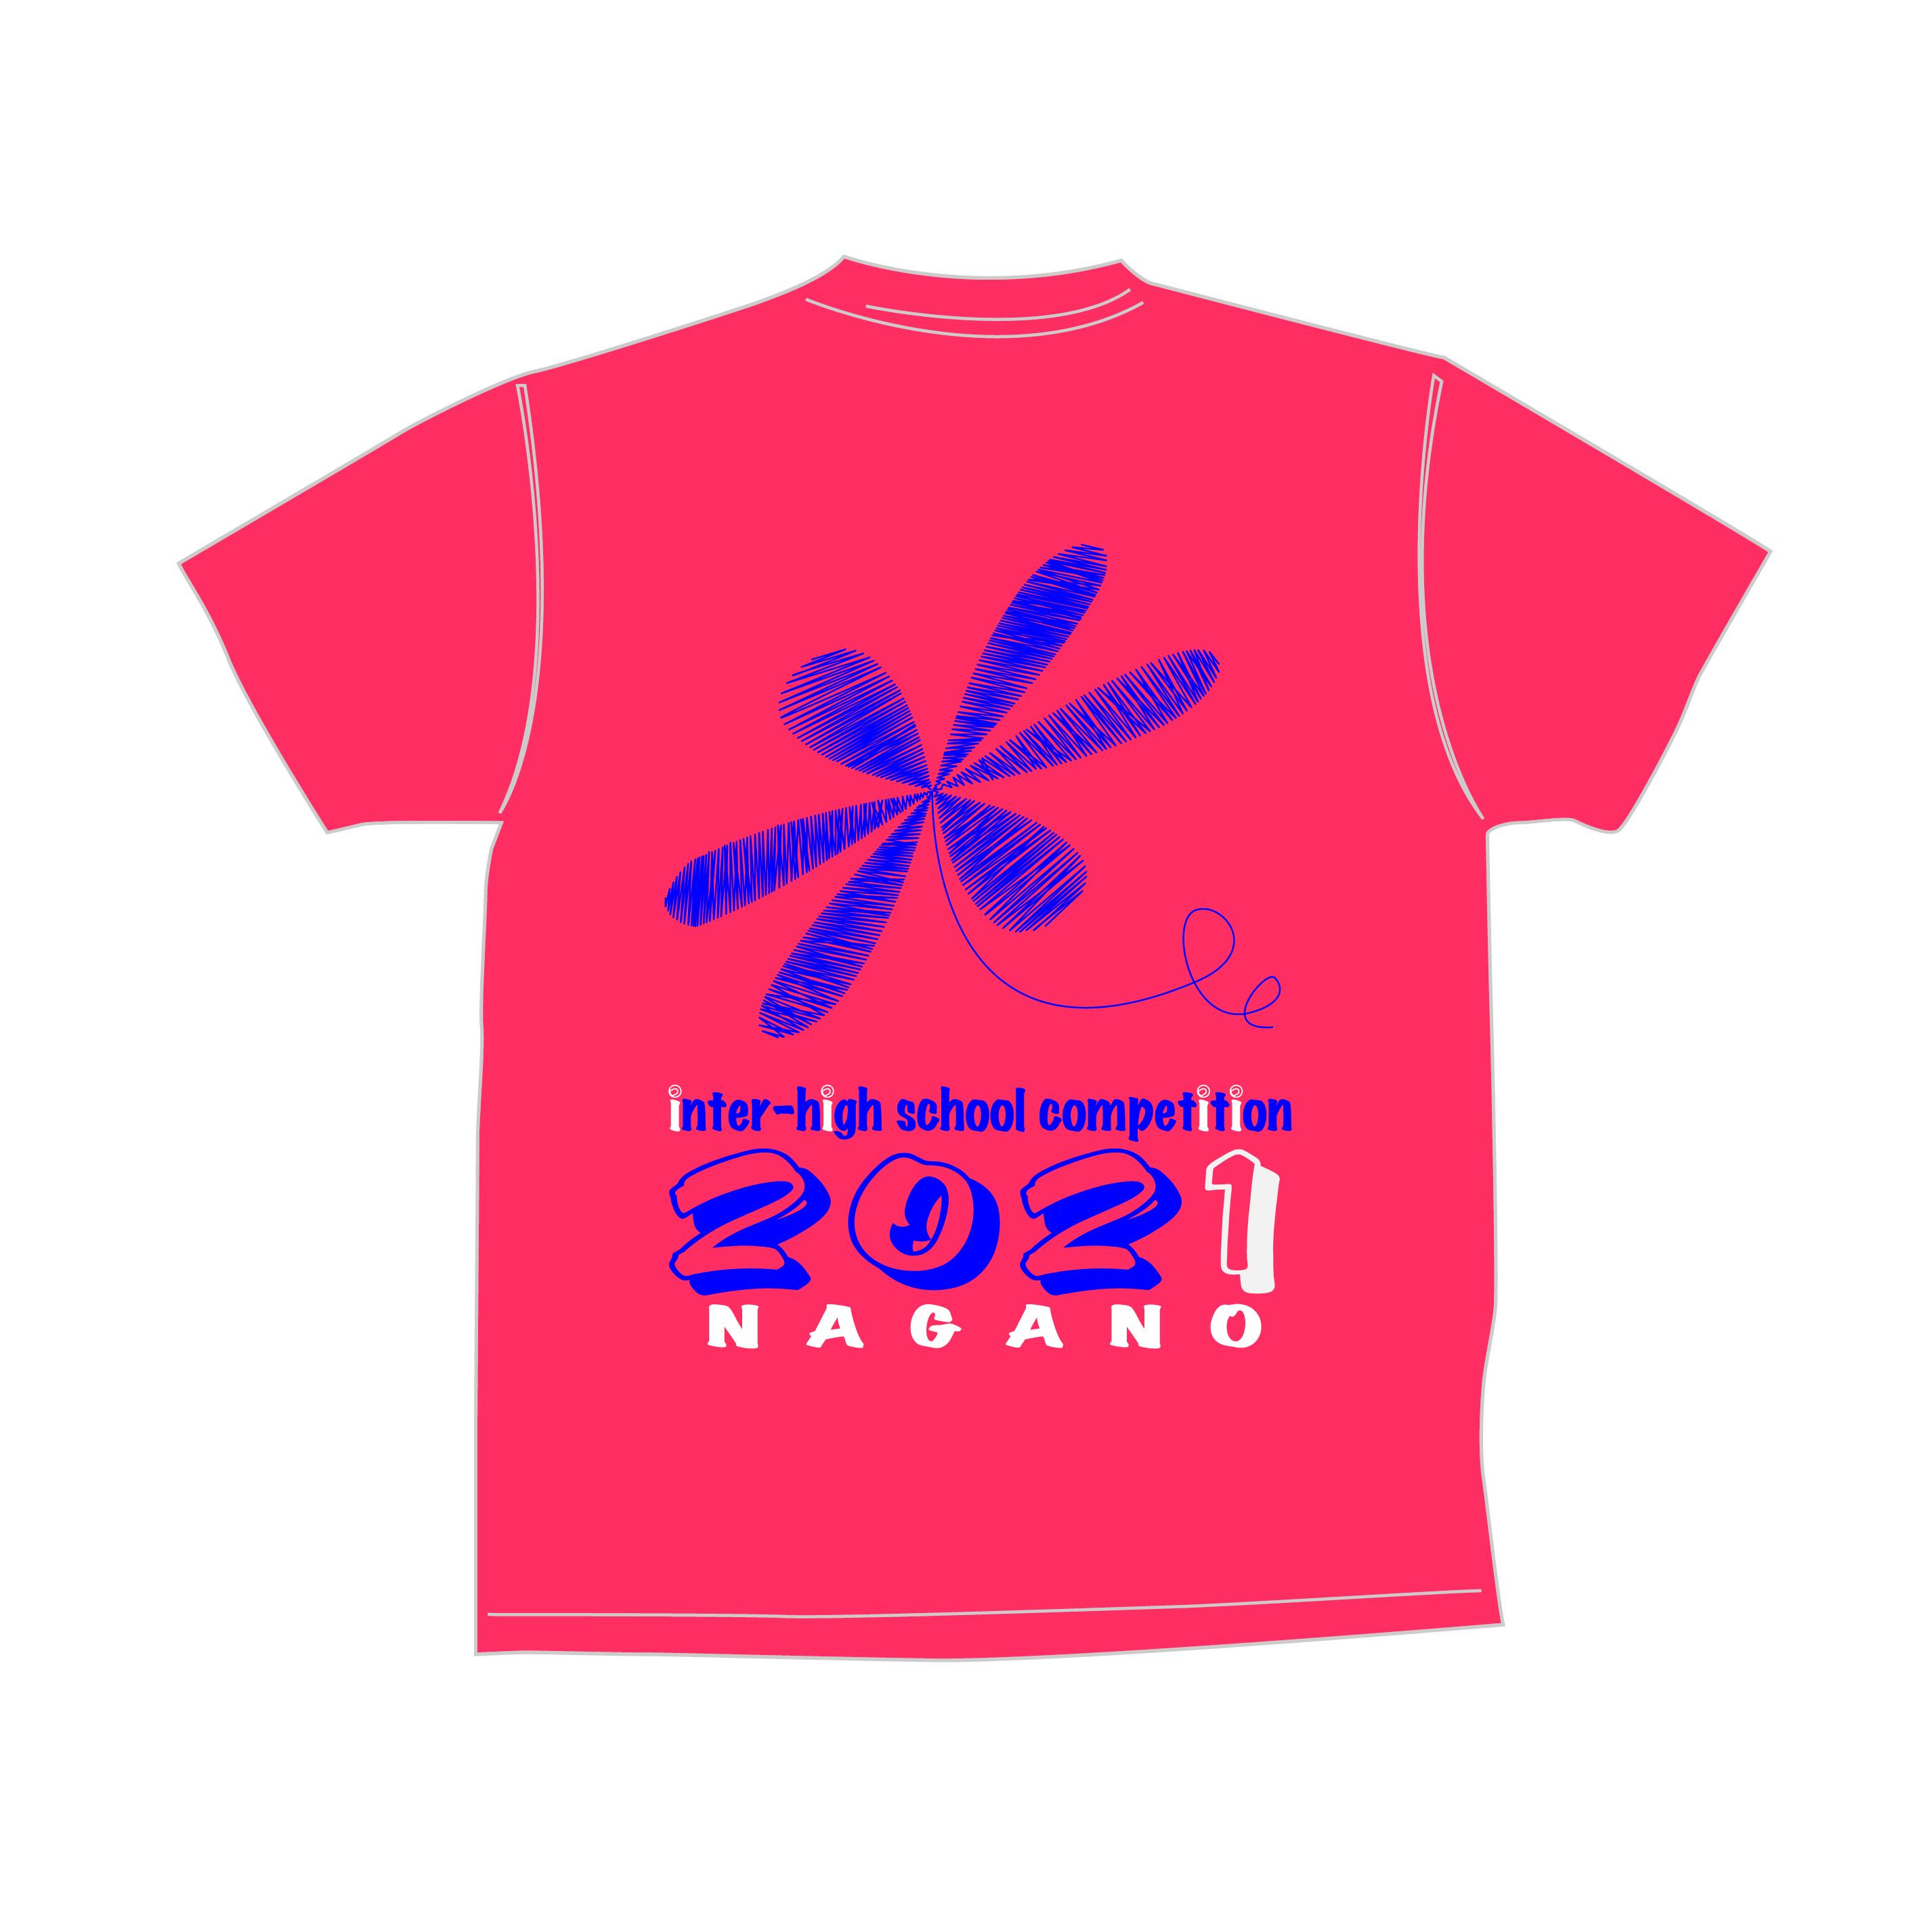 2021年長野インターハイ トアルソンオリジナルTシャツ(蛍光オレンジ×ネイビー)【1ET2105】